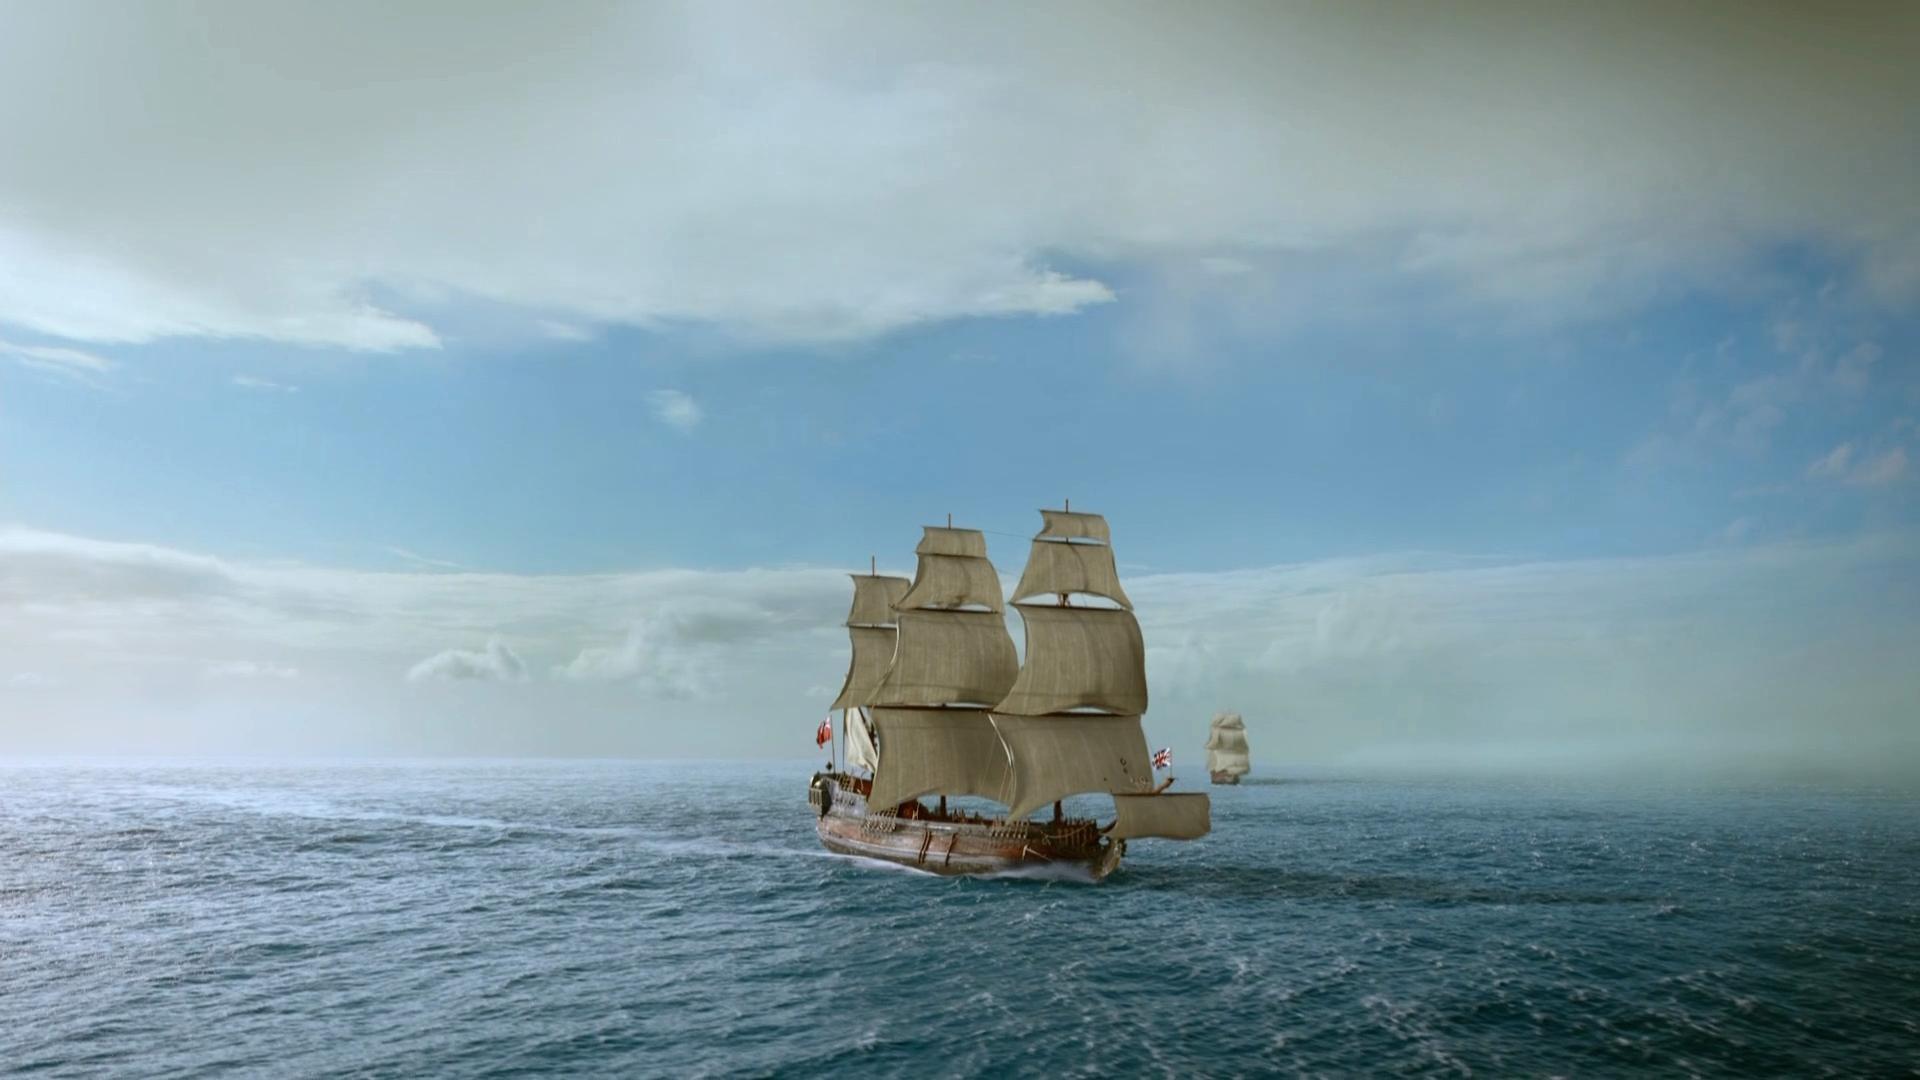 корабль сериал обои на рабочий стол № 498924 загрузить